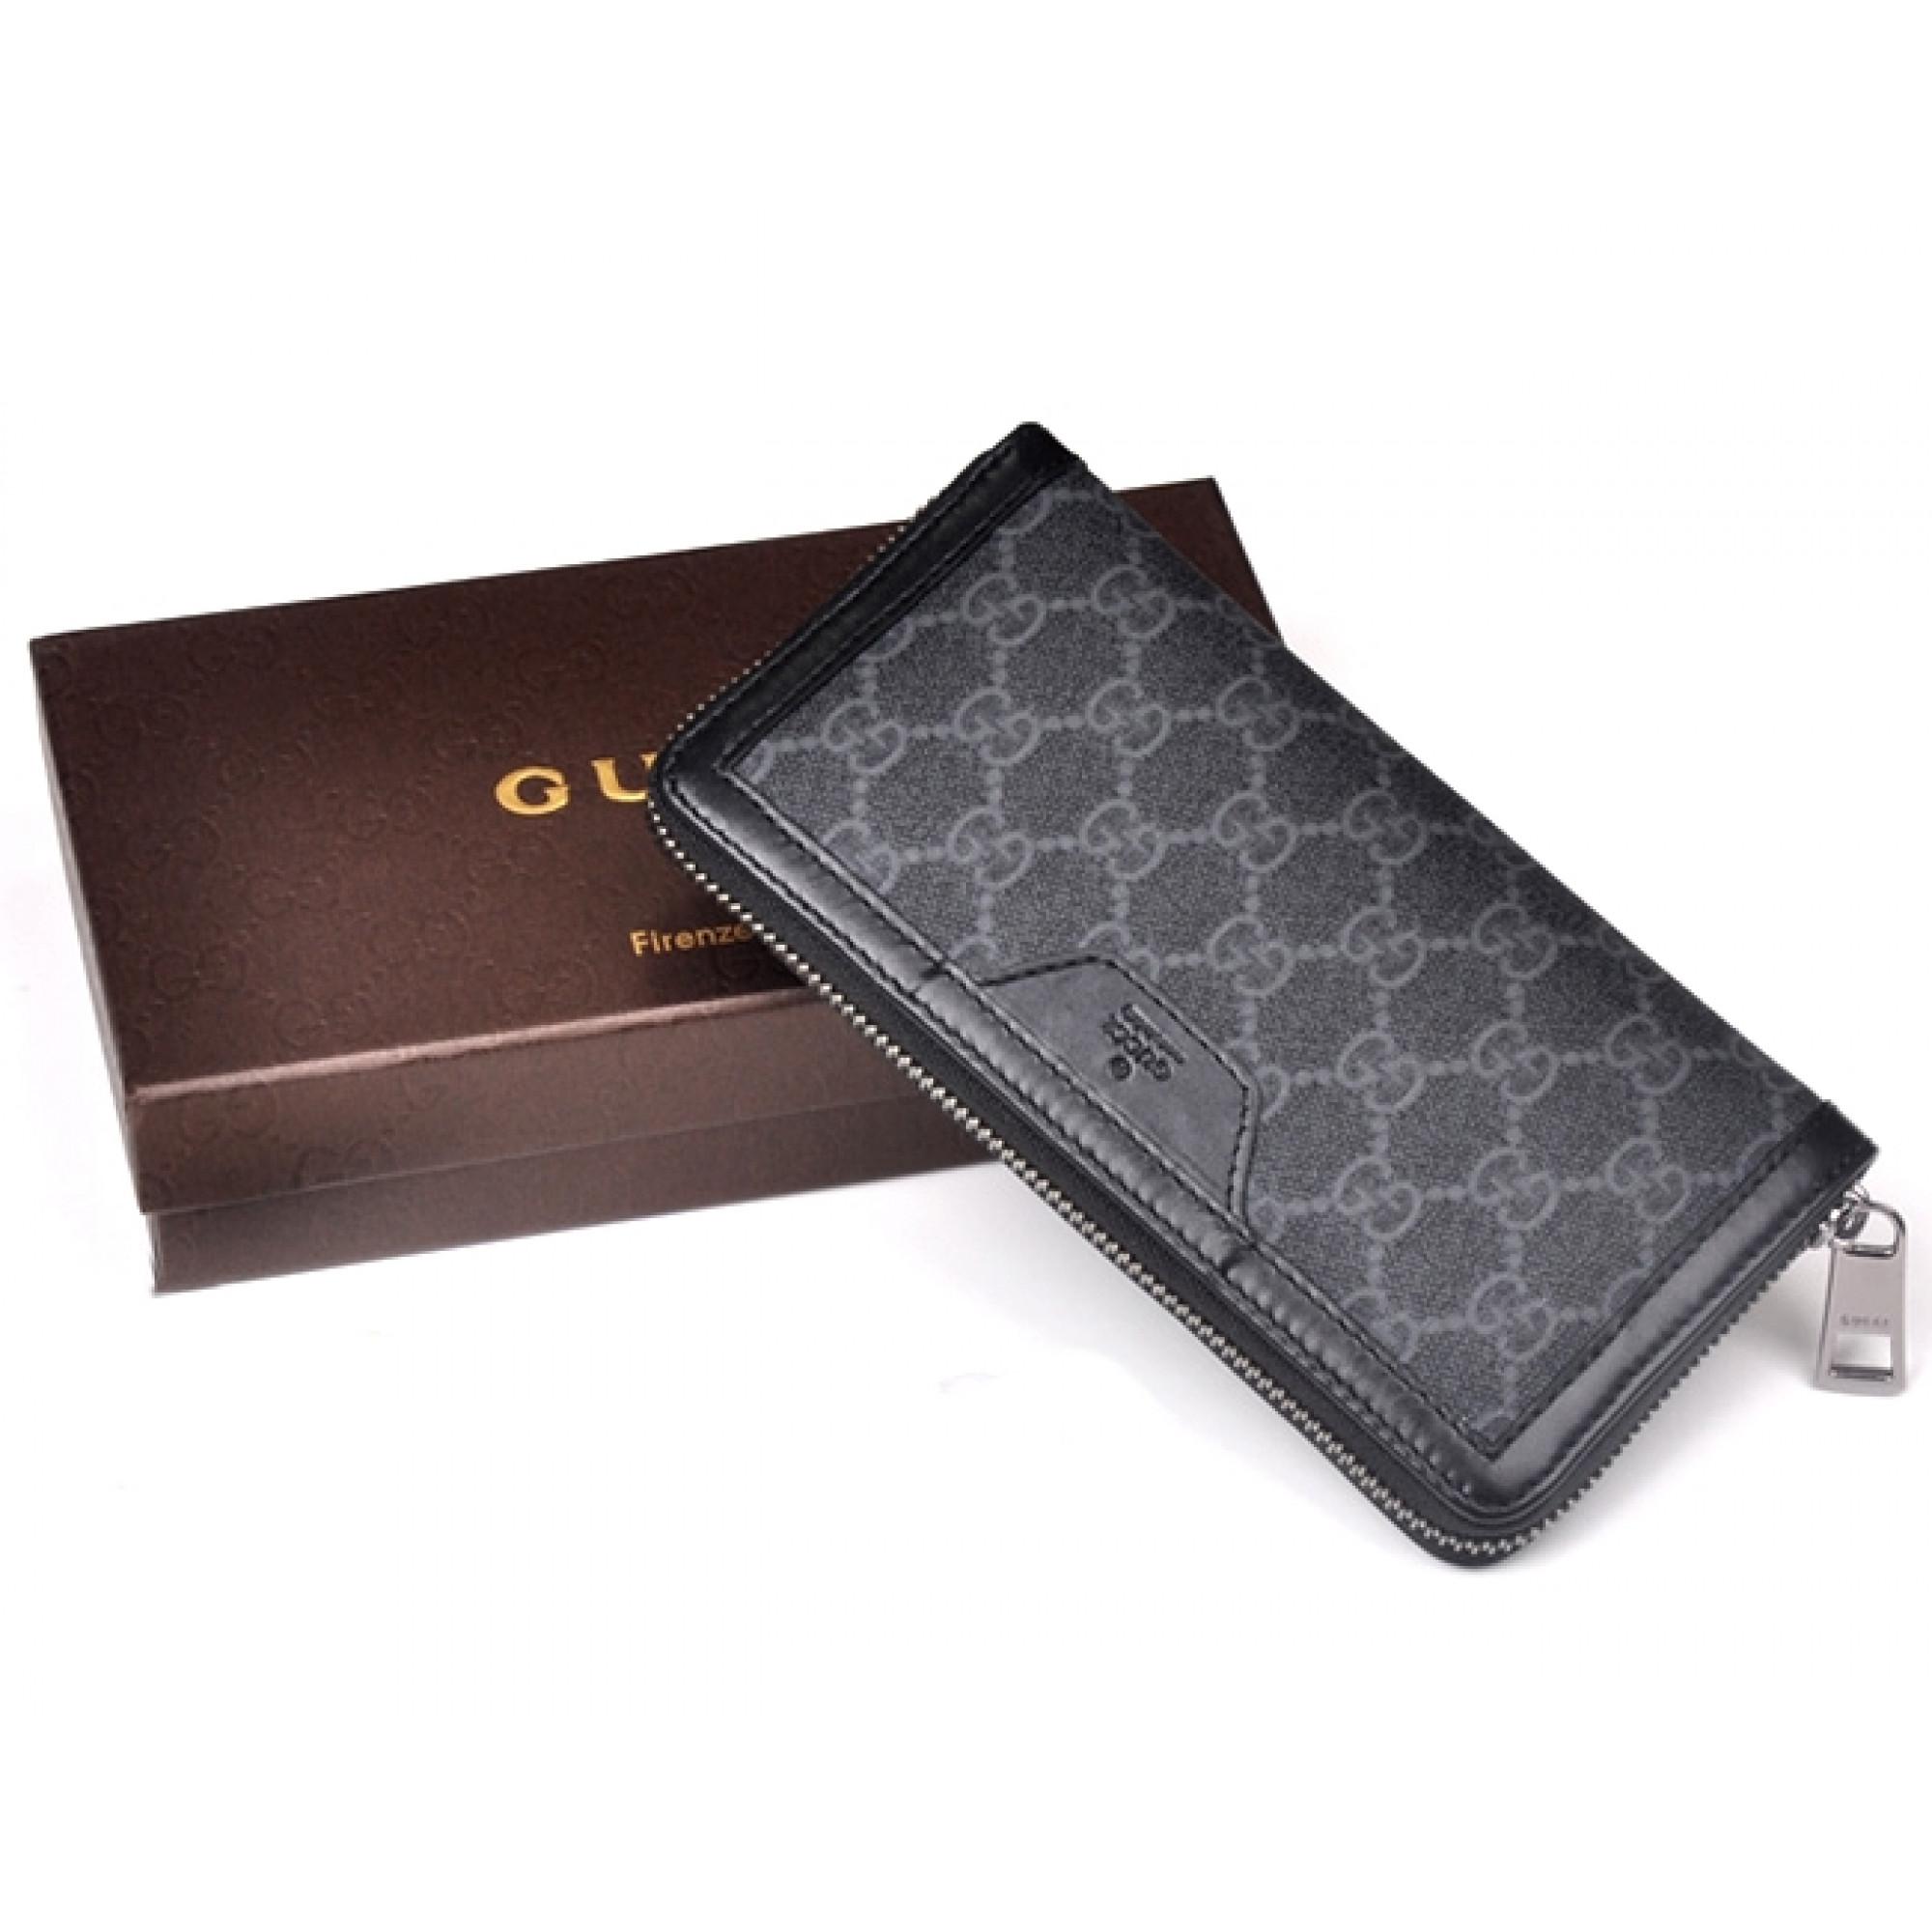 1ec40abf5663 Купить женский кошелек Gucci — в Киеве, код товара 17587